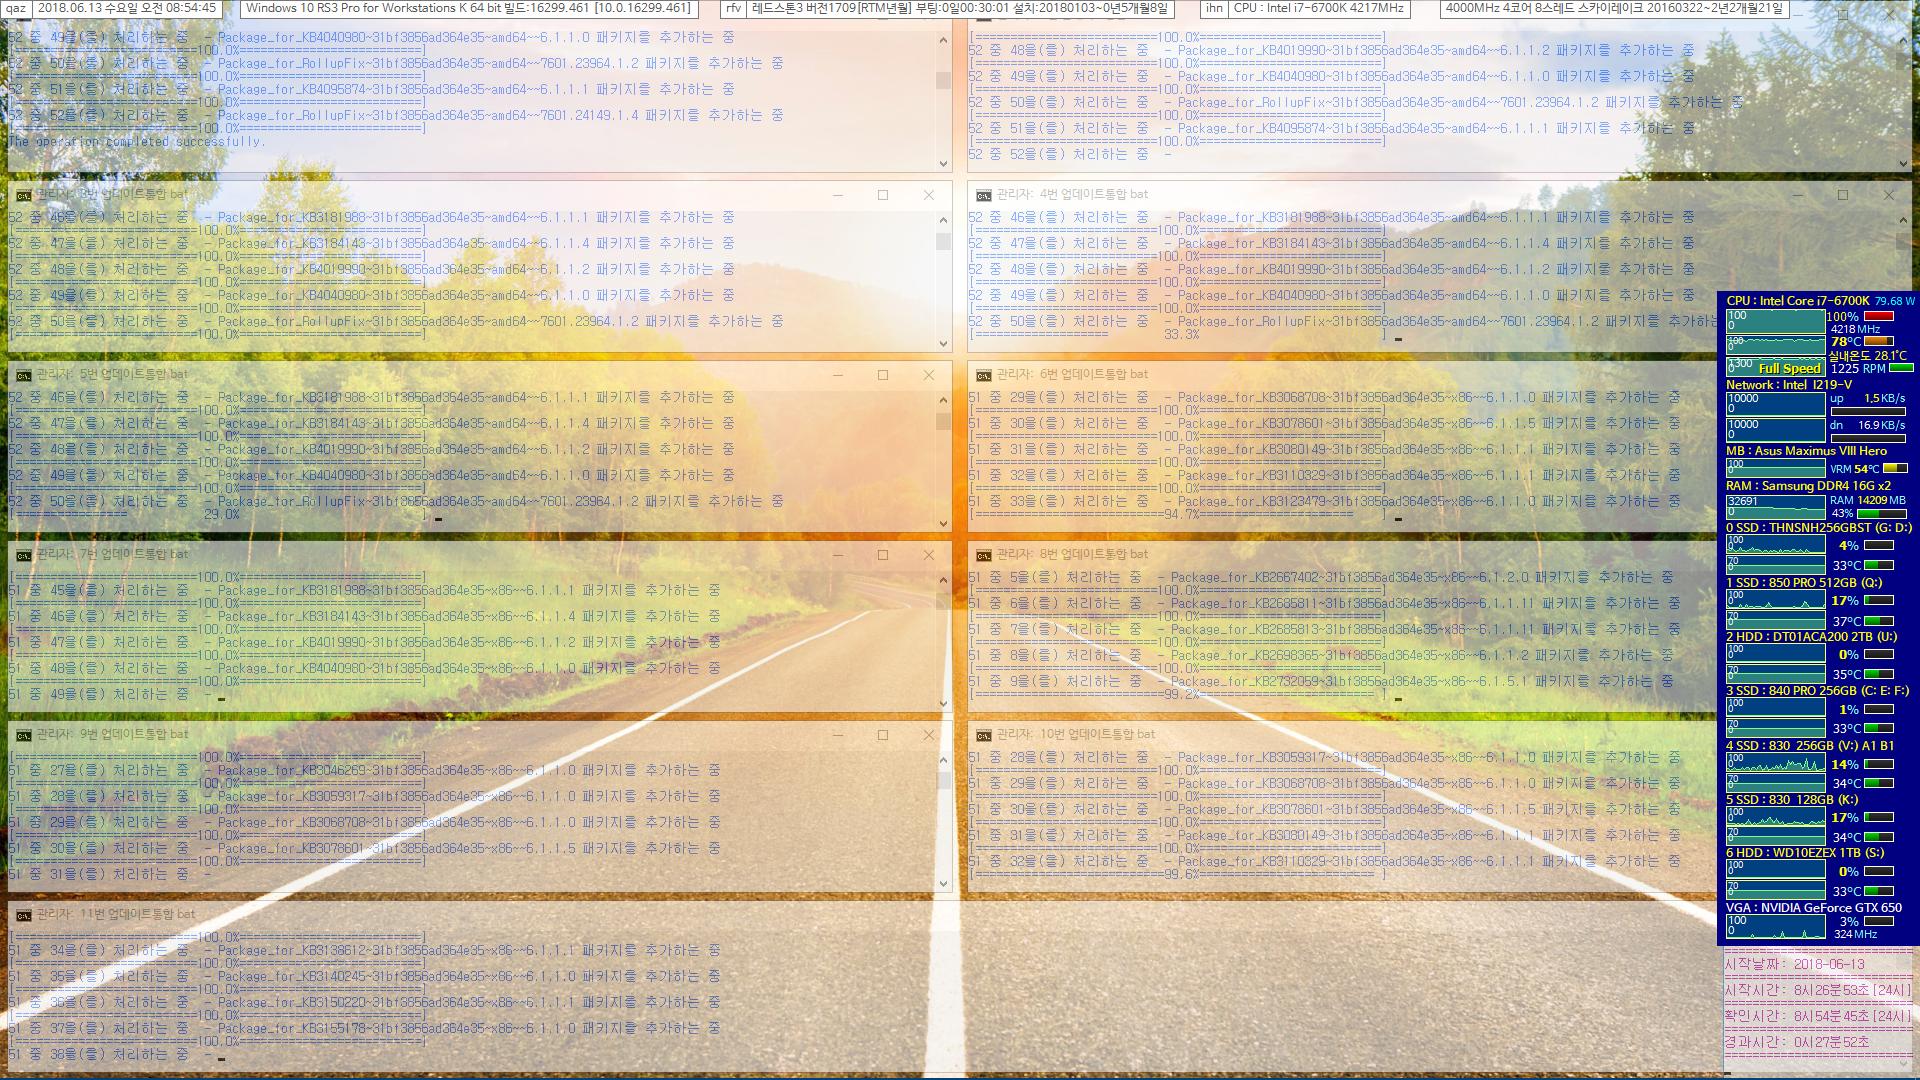 Windows 7 롤업 업데이트 KB4284826 (OS 빌드 7601.24149) IE11 통합중 입니다 2018-06-13_085446.png